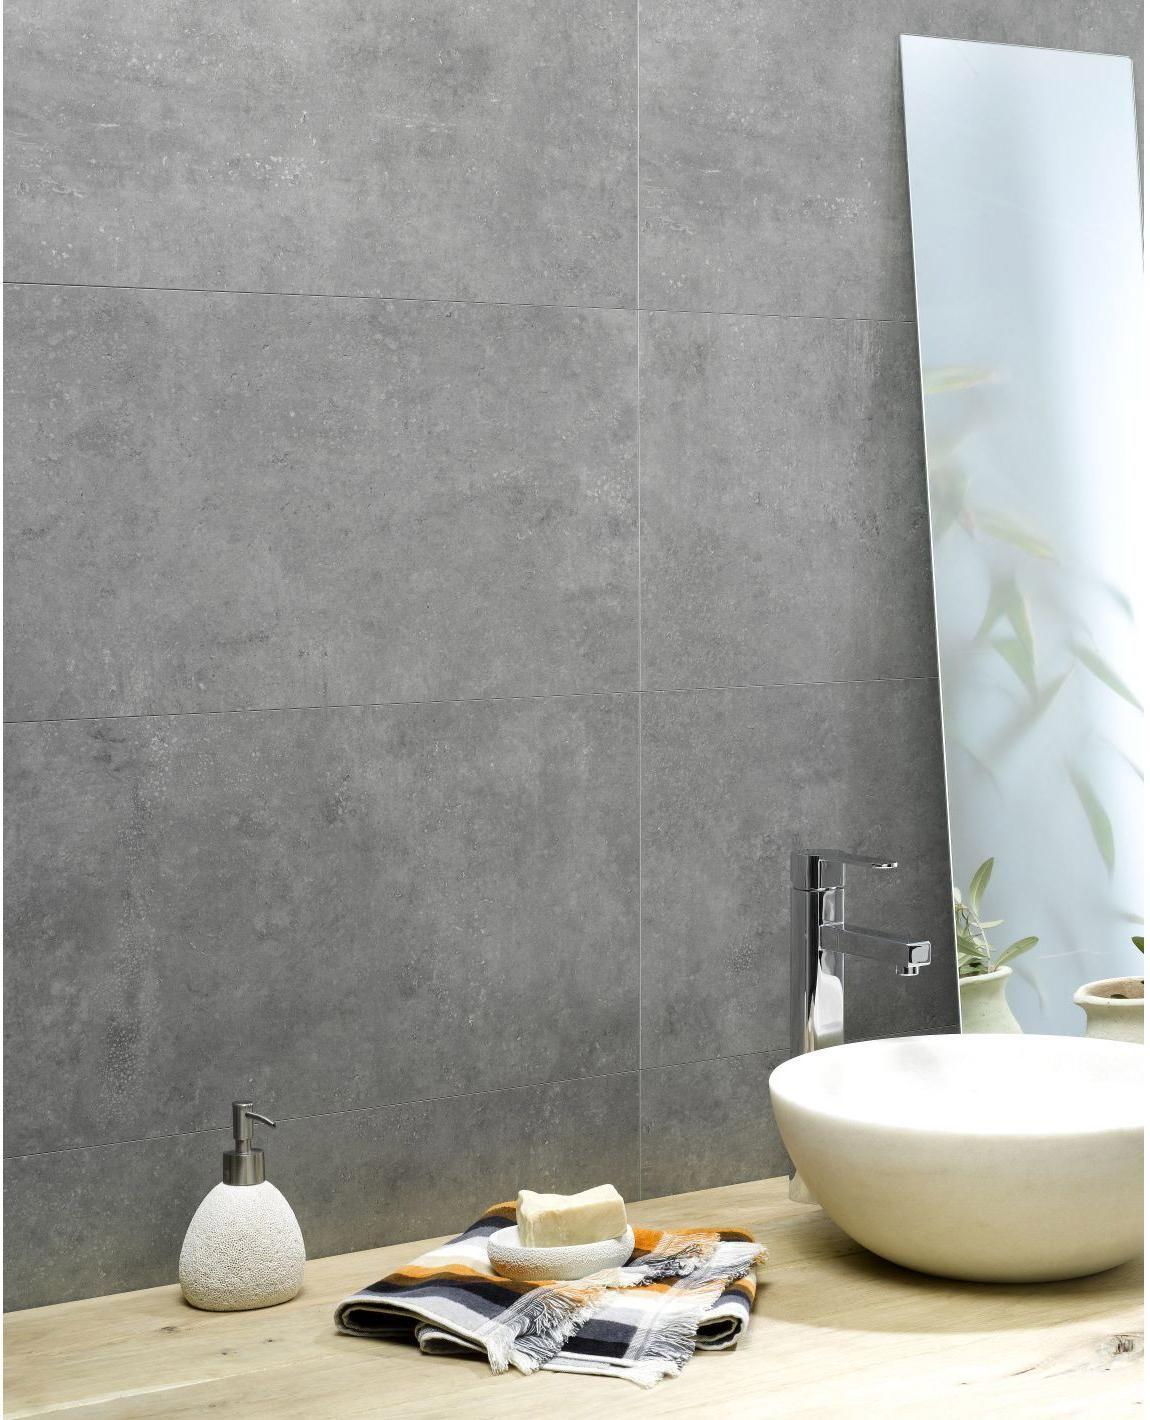 Dalle Murale Pvc Beton Clair Dumawall L 120 X L 37 5 Cm X Ep 5 Mm Dumaplast En 2020 Parement Mural Ciment Blanc Et Carreaux Muraux